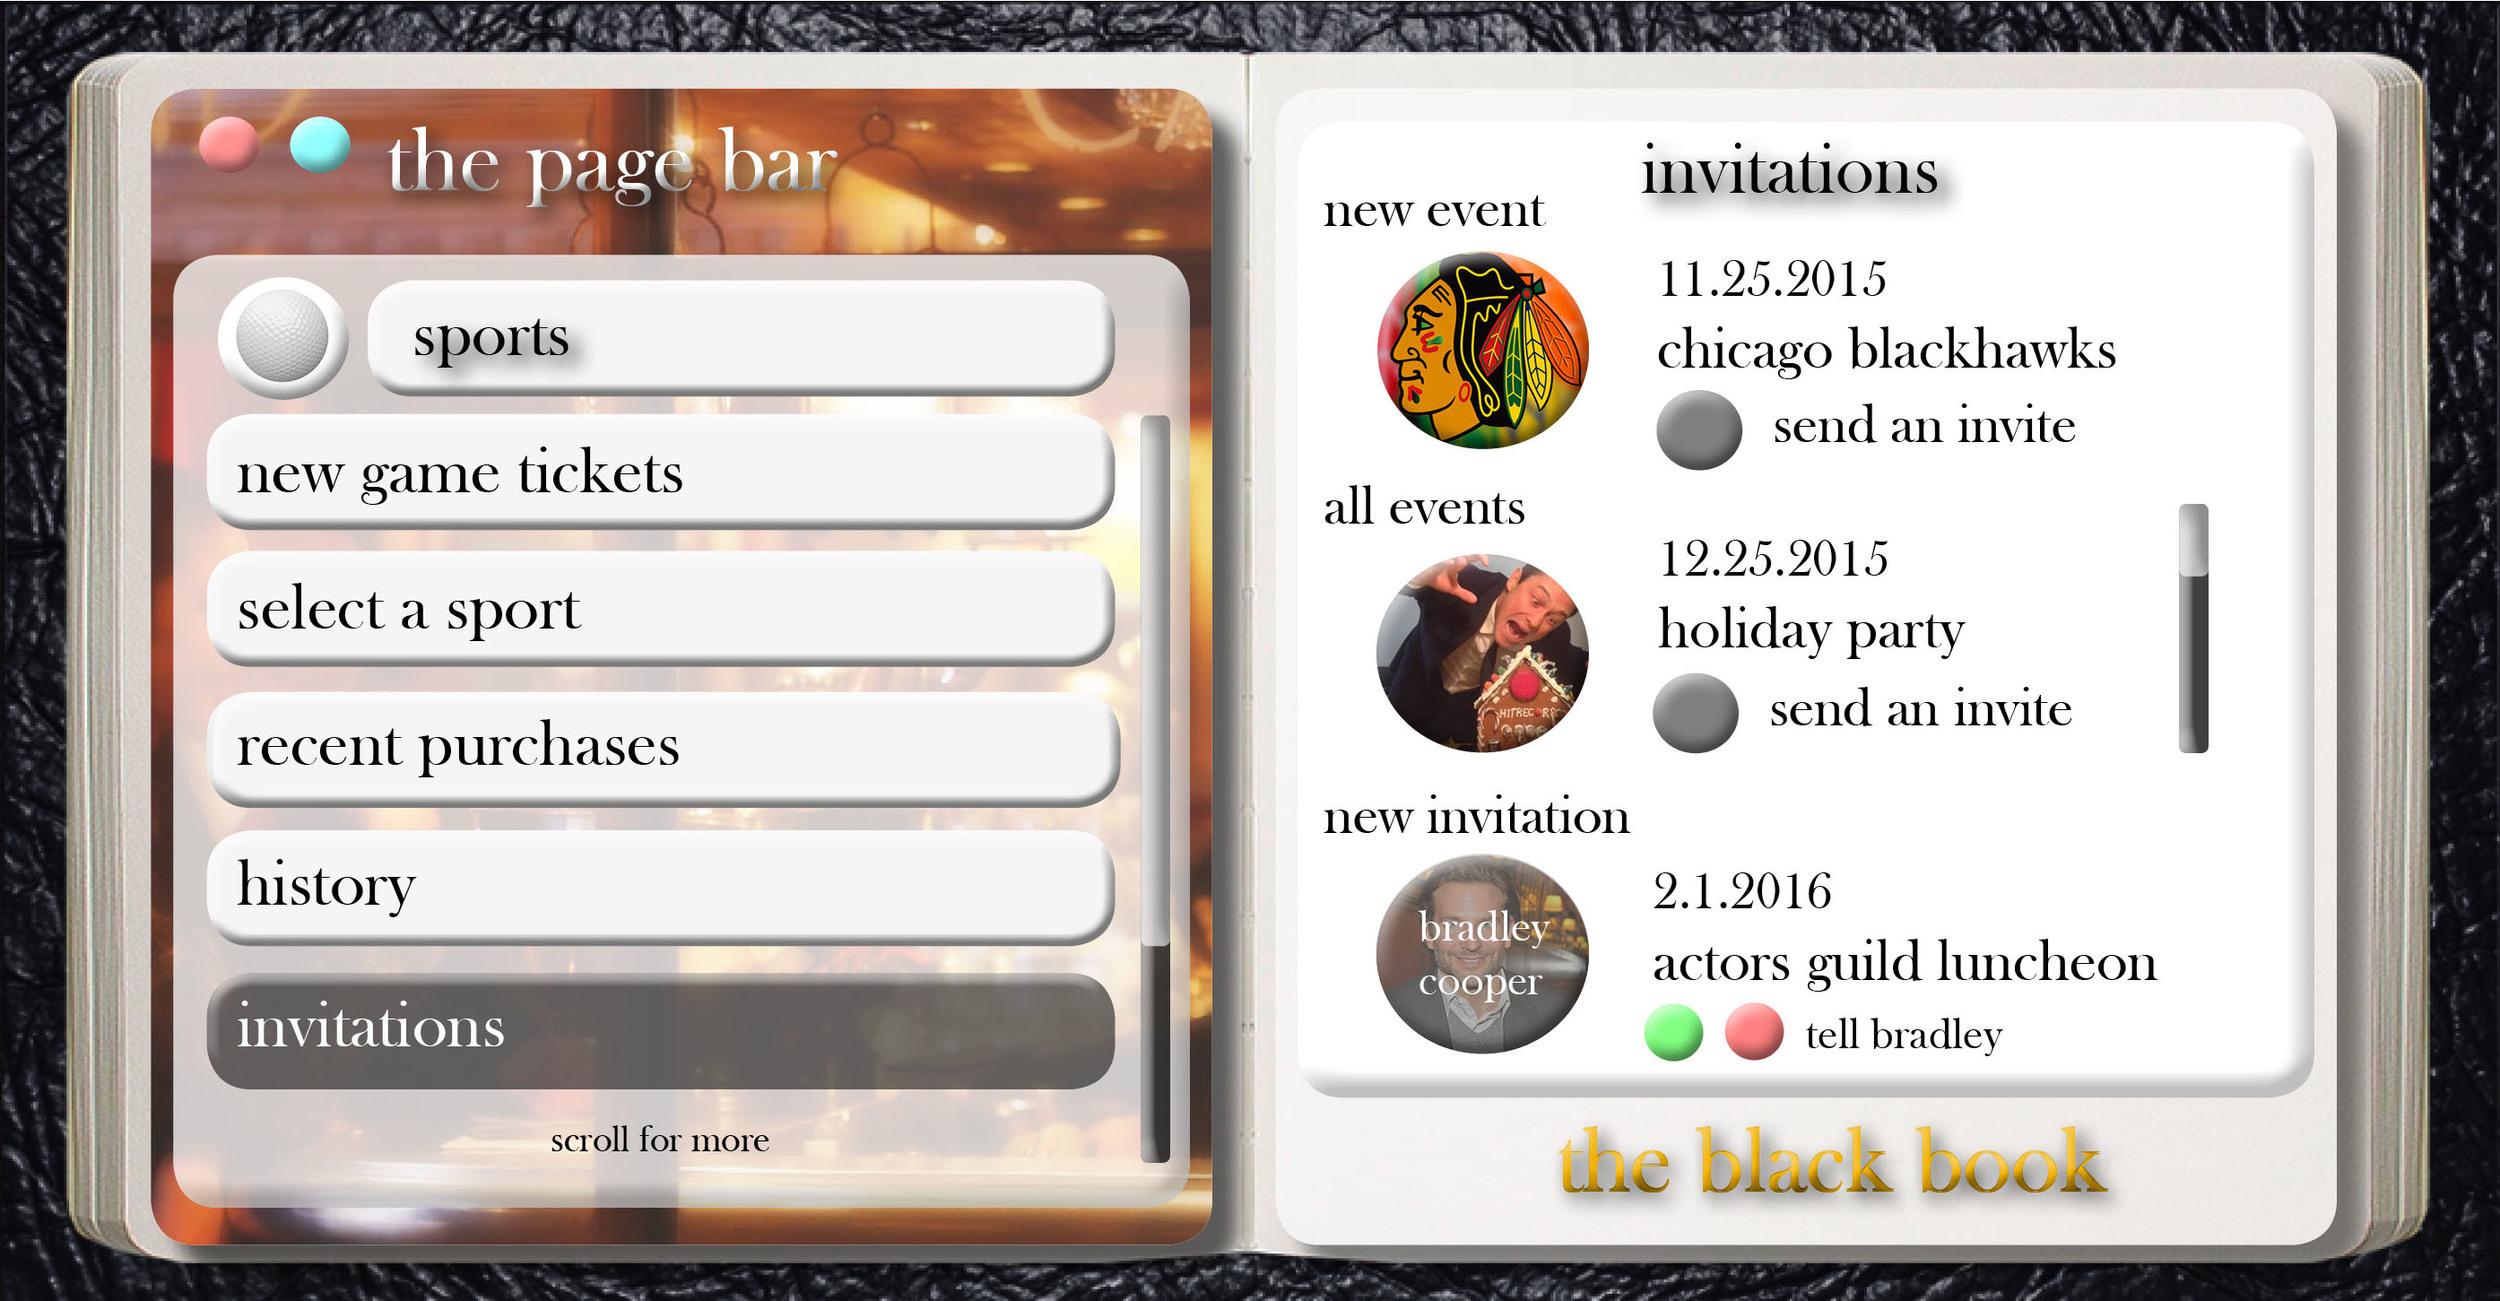 09_pagebar_invitations.jpg